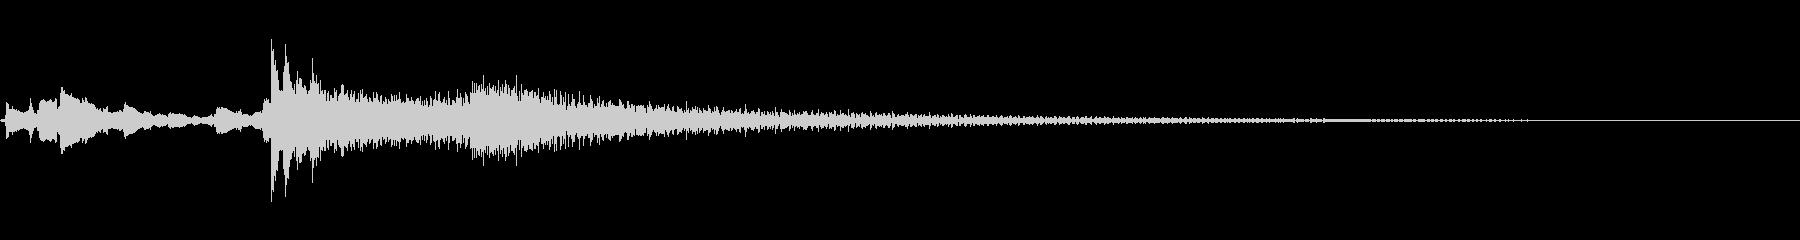 琴_トレモロ(裏連)_01の未再生の波形